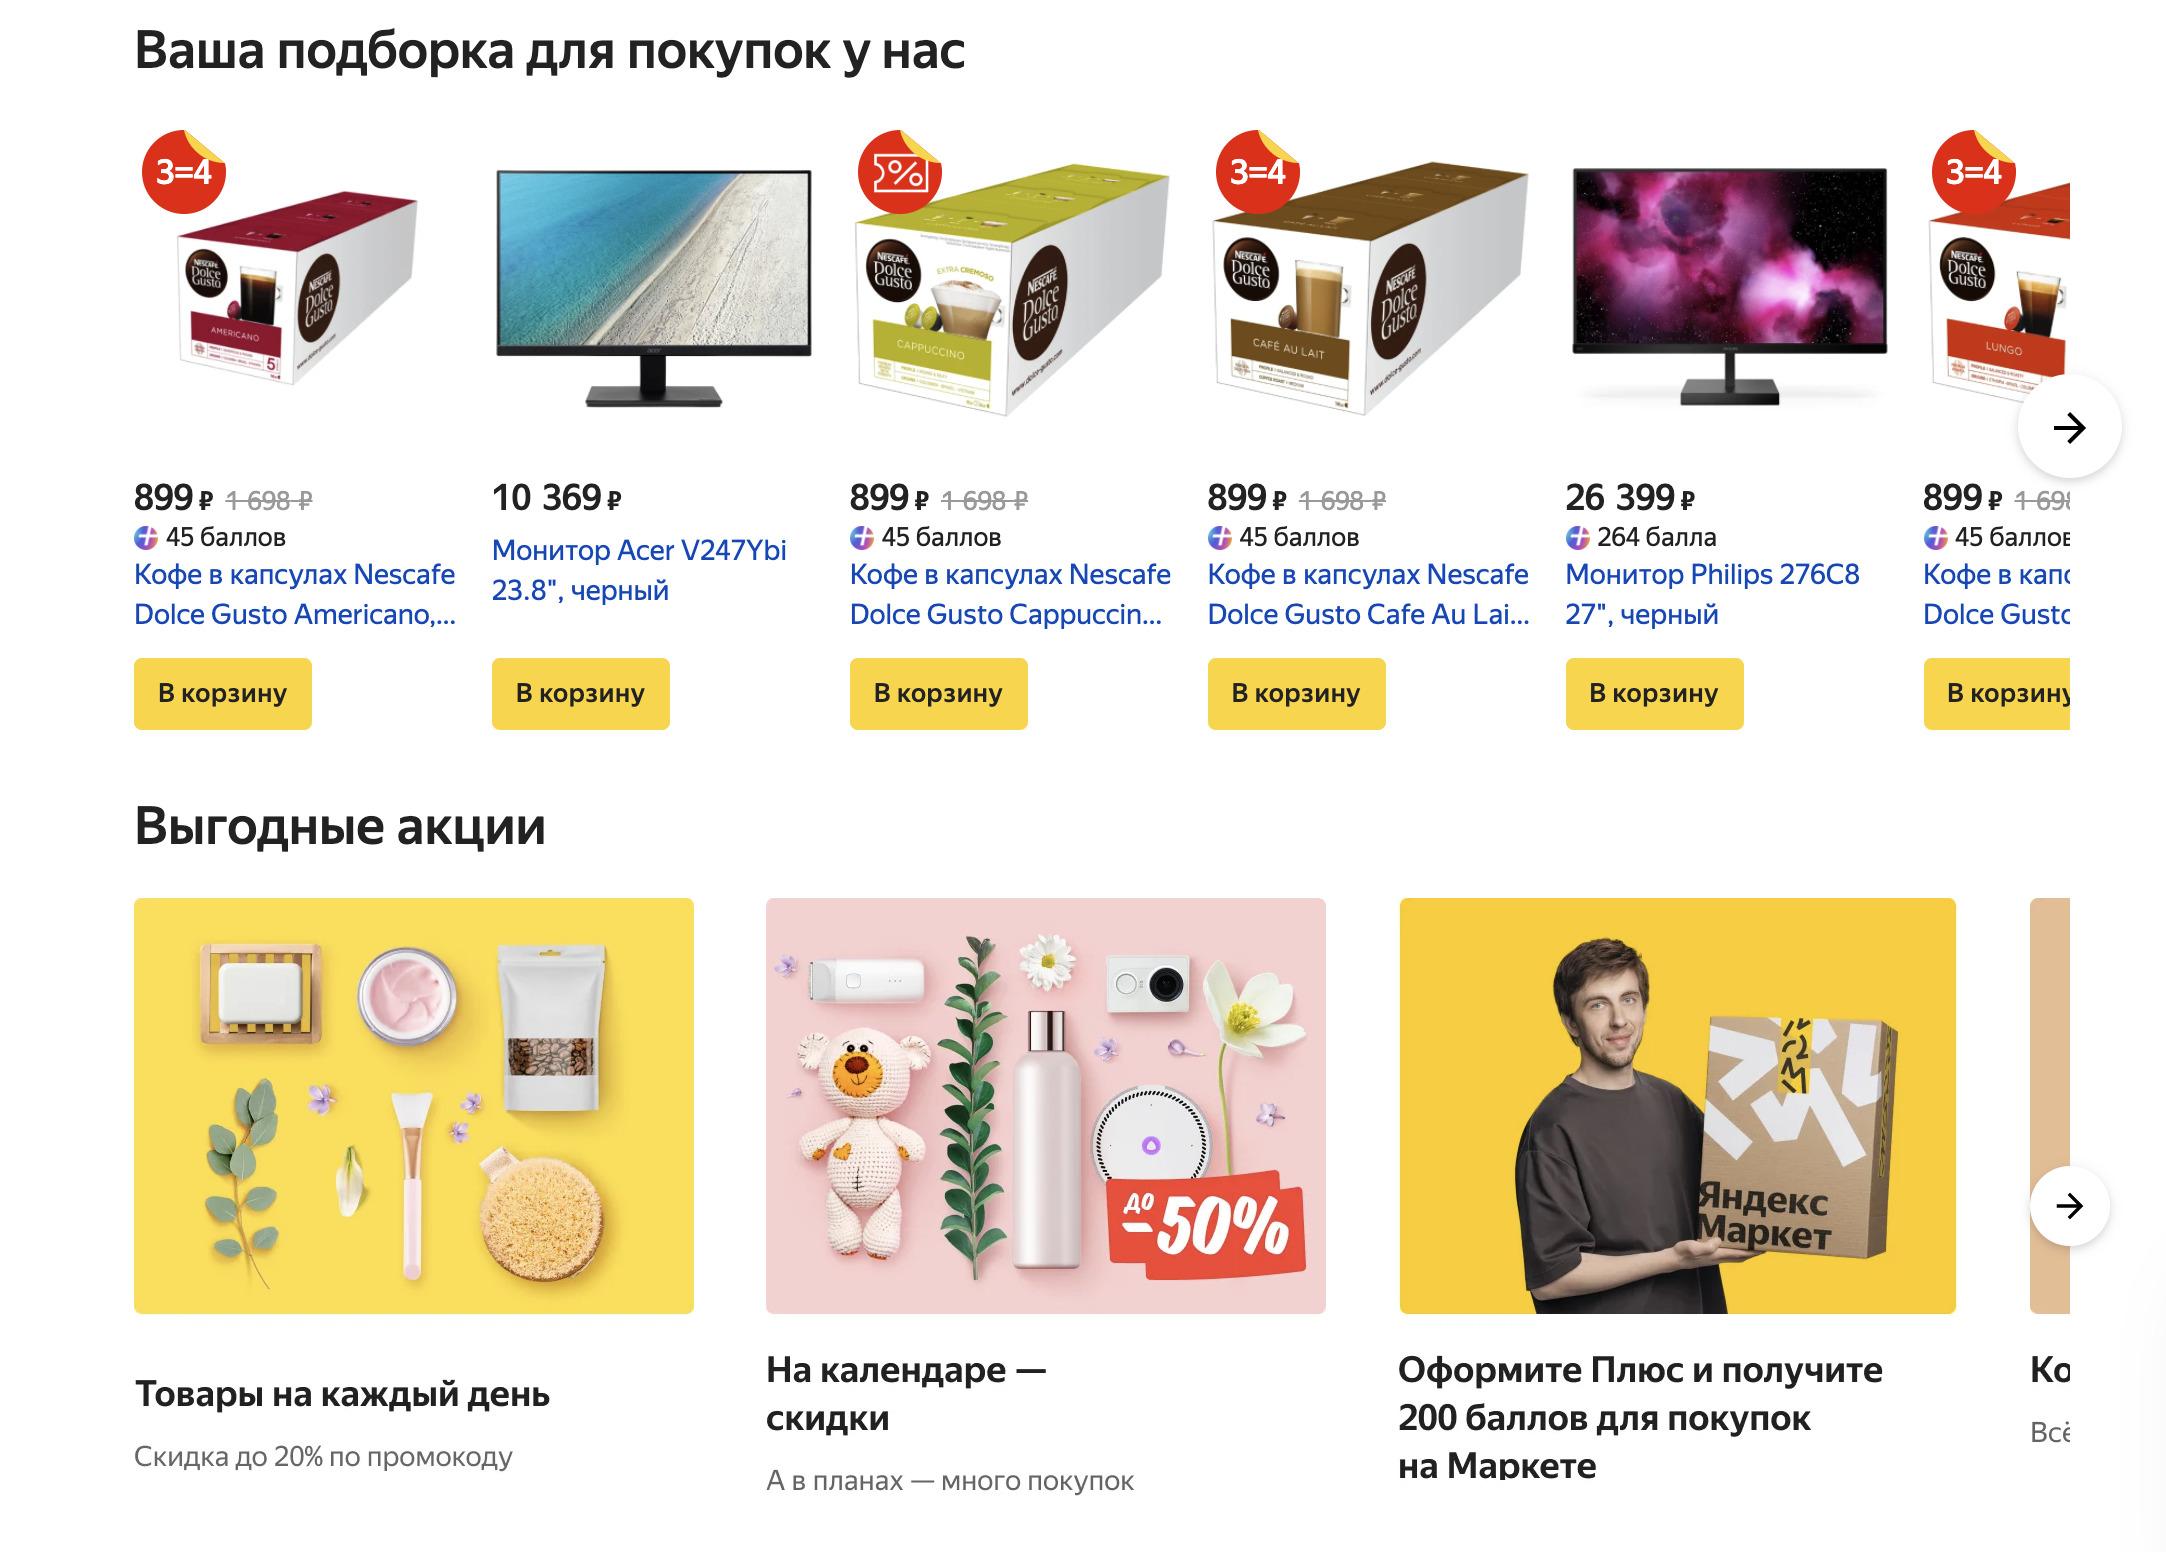 Доставка из Яндекс.Маркет в Серпухов, сроки, пункты выдачи, каталог